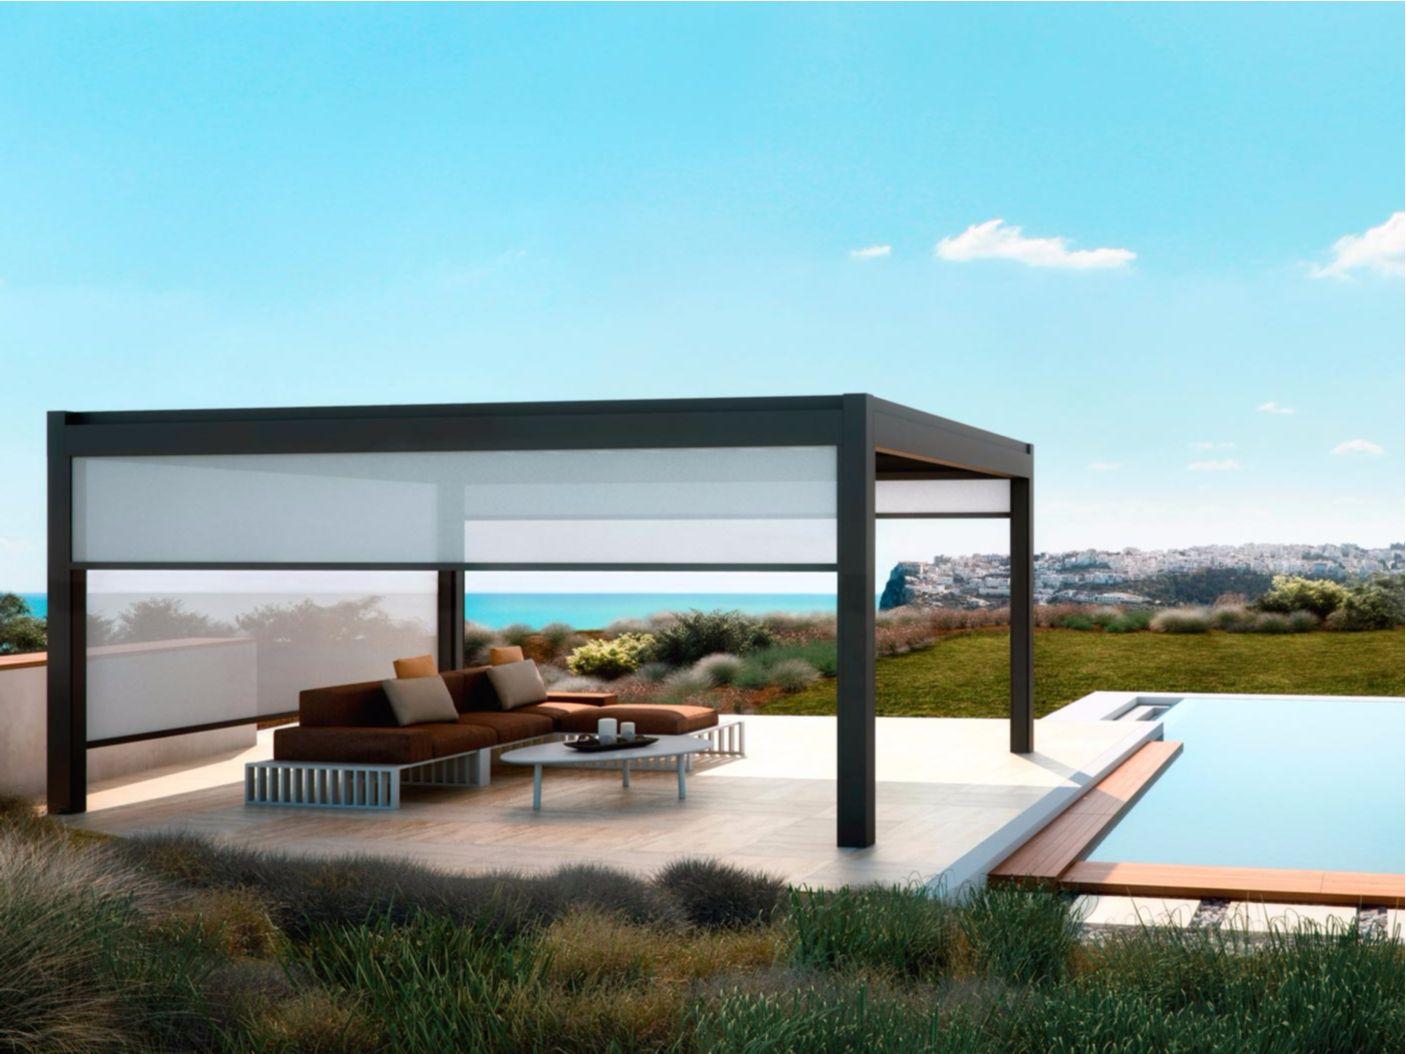 Mehr Als 15 Super Aktuelle Ideen Für Die Moderne Terrassenüberdachung Aus  Aluminium. Tipps Für Die Richtige Vorgehensweise Bei Der Auswahl.